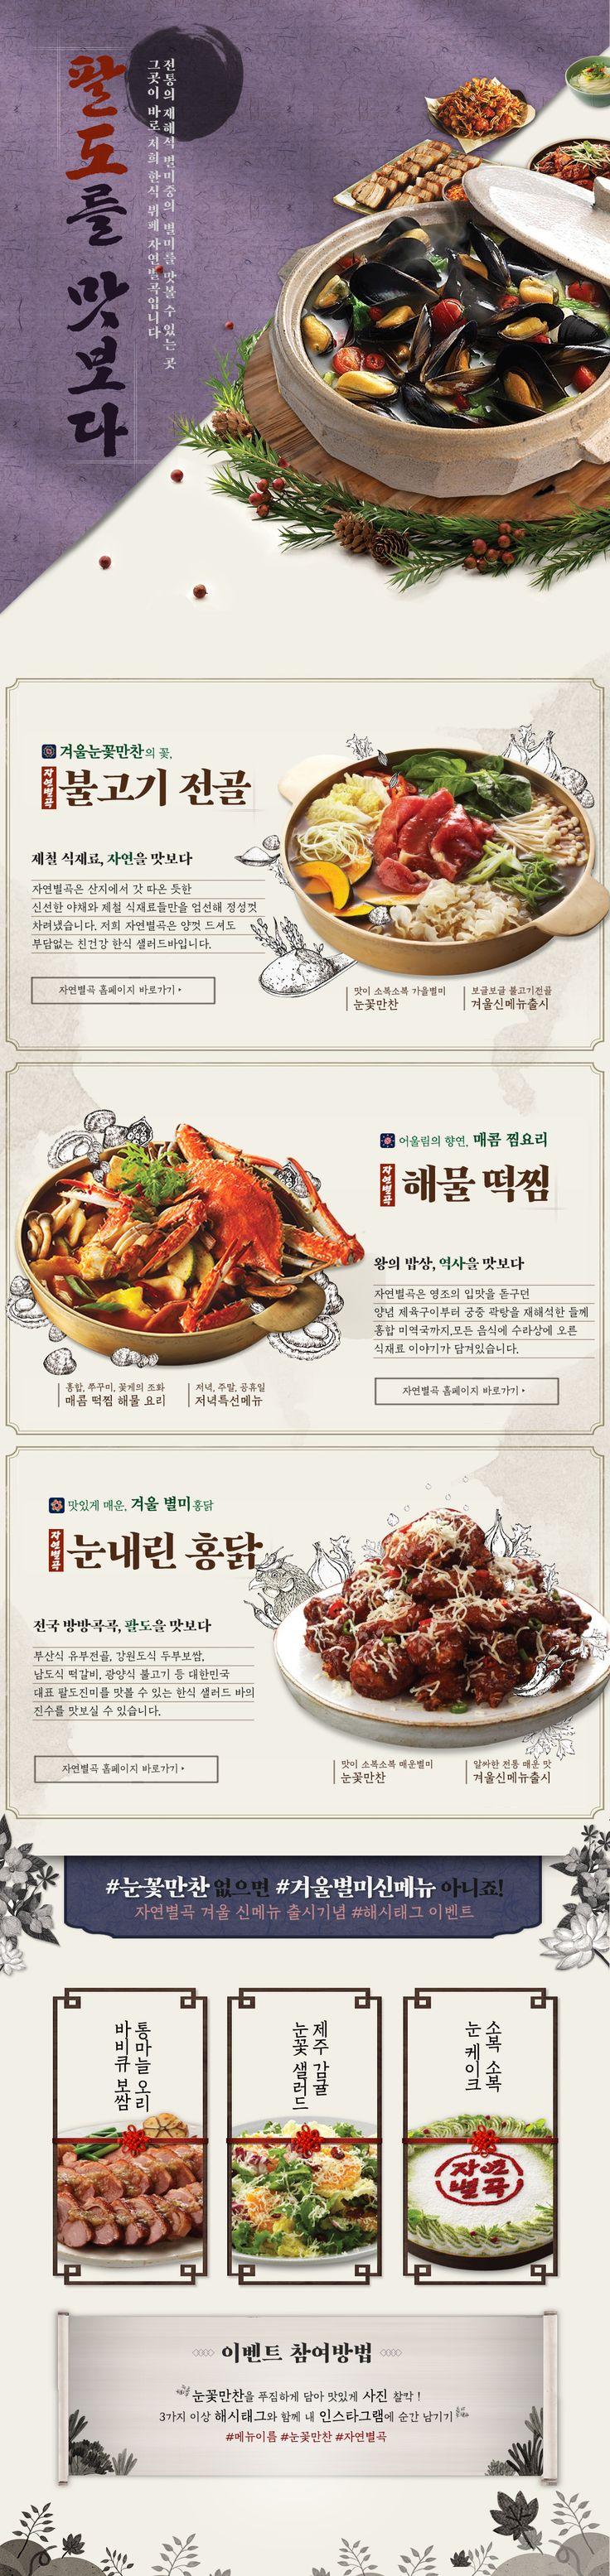 """다음 @Behance 프로젝트 확인: """"자연별곡 - Korean food brand promotion page"""" https://www.behance.net/gallery/59255925/-Korean-food-brand-promotion-page"""